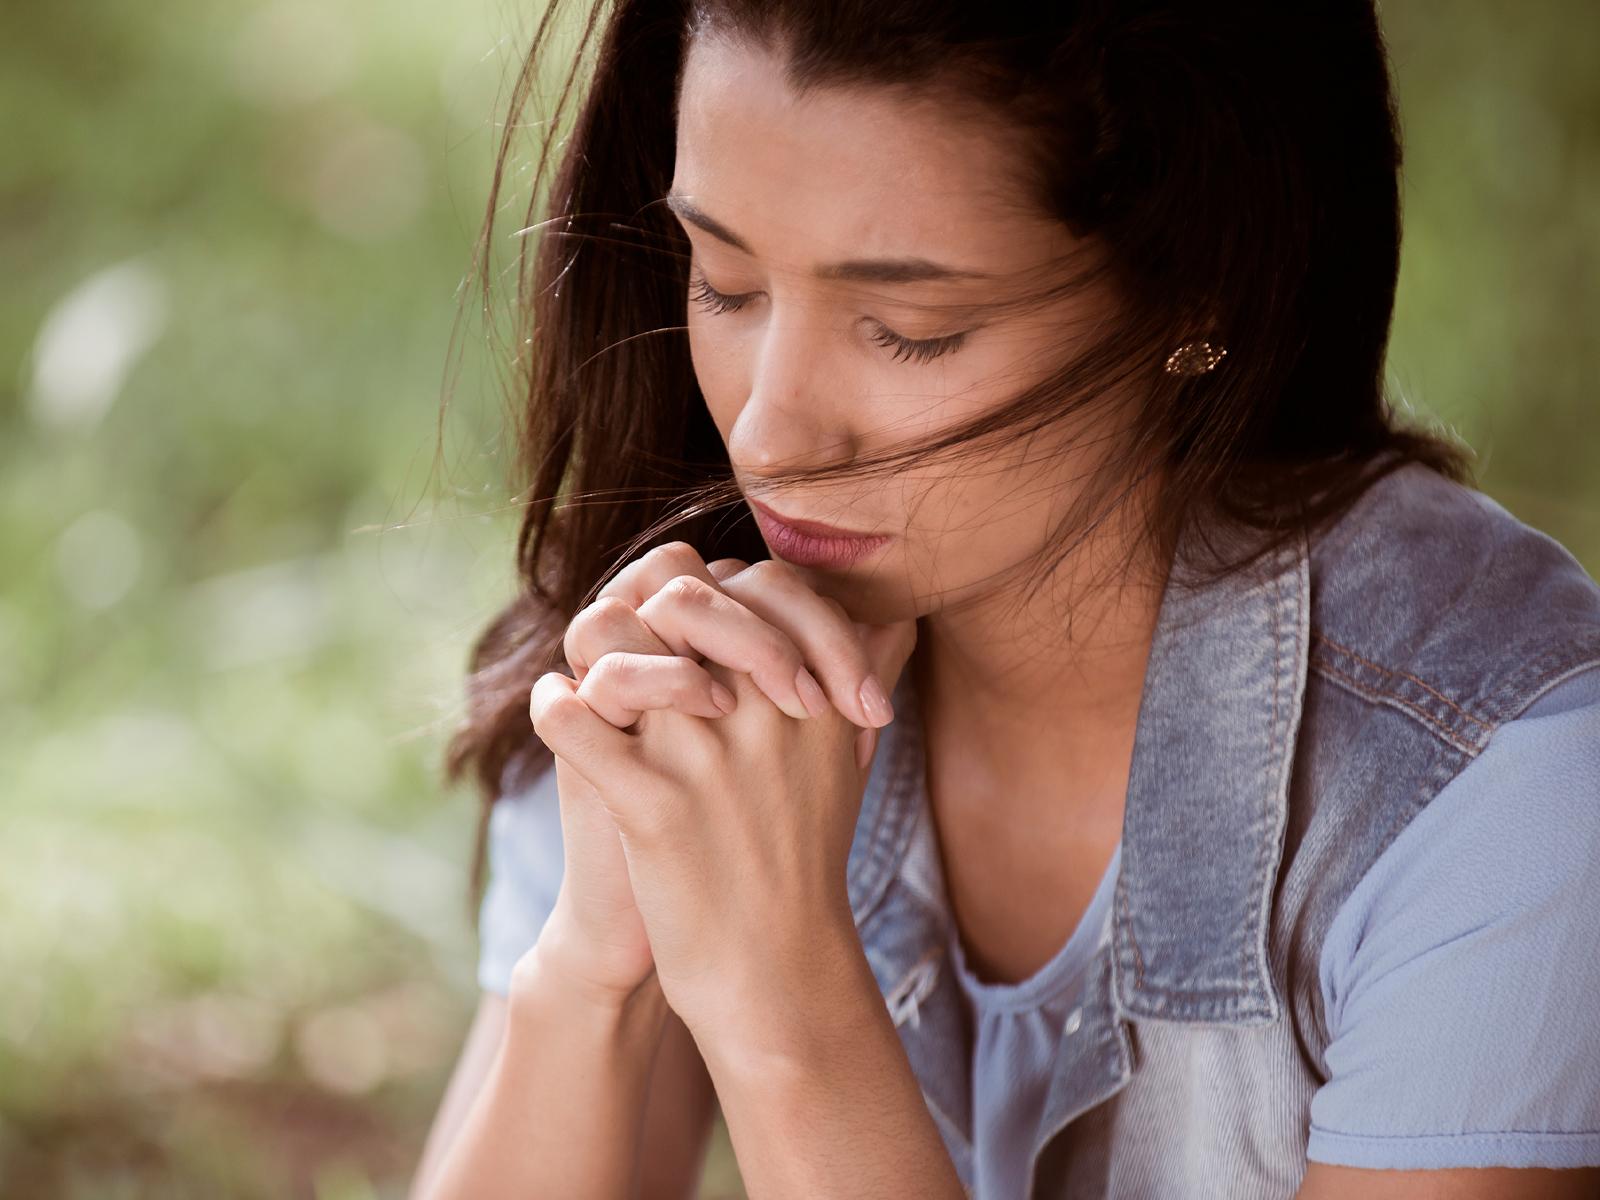 Ser uma mulher orante muda uma história inteira